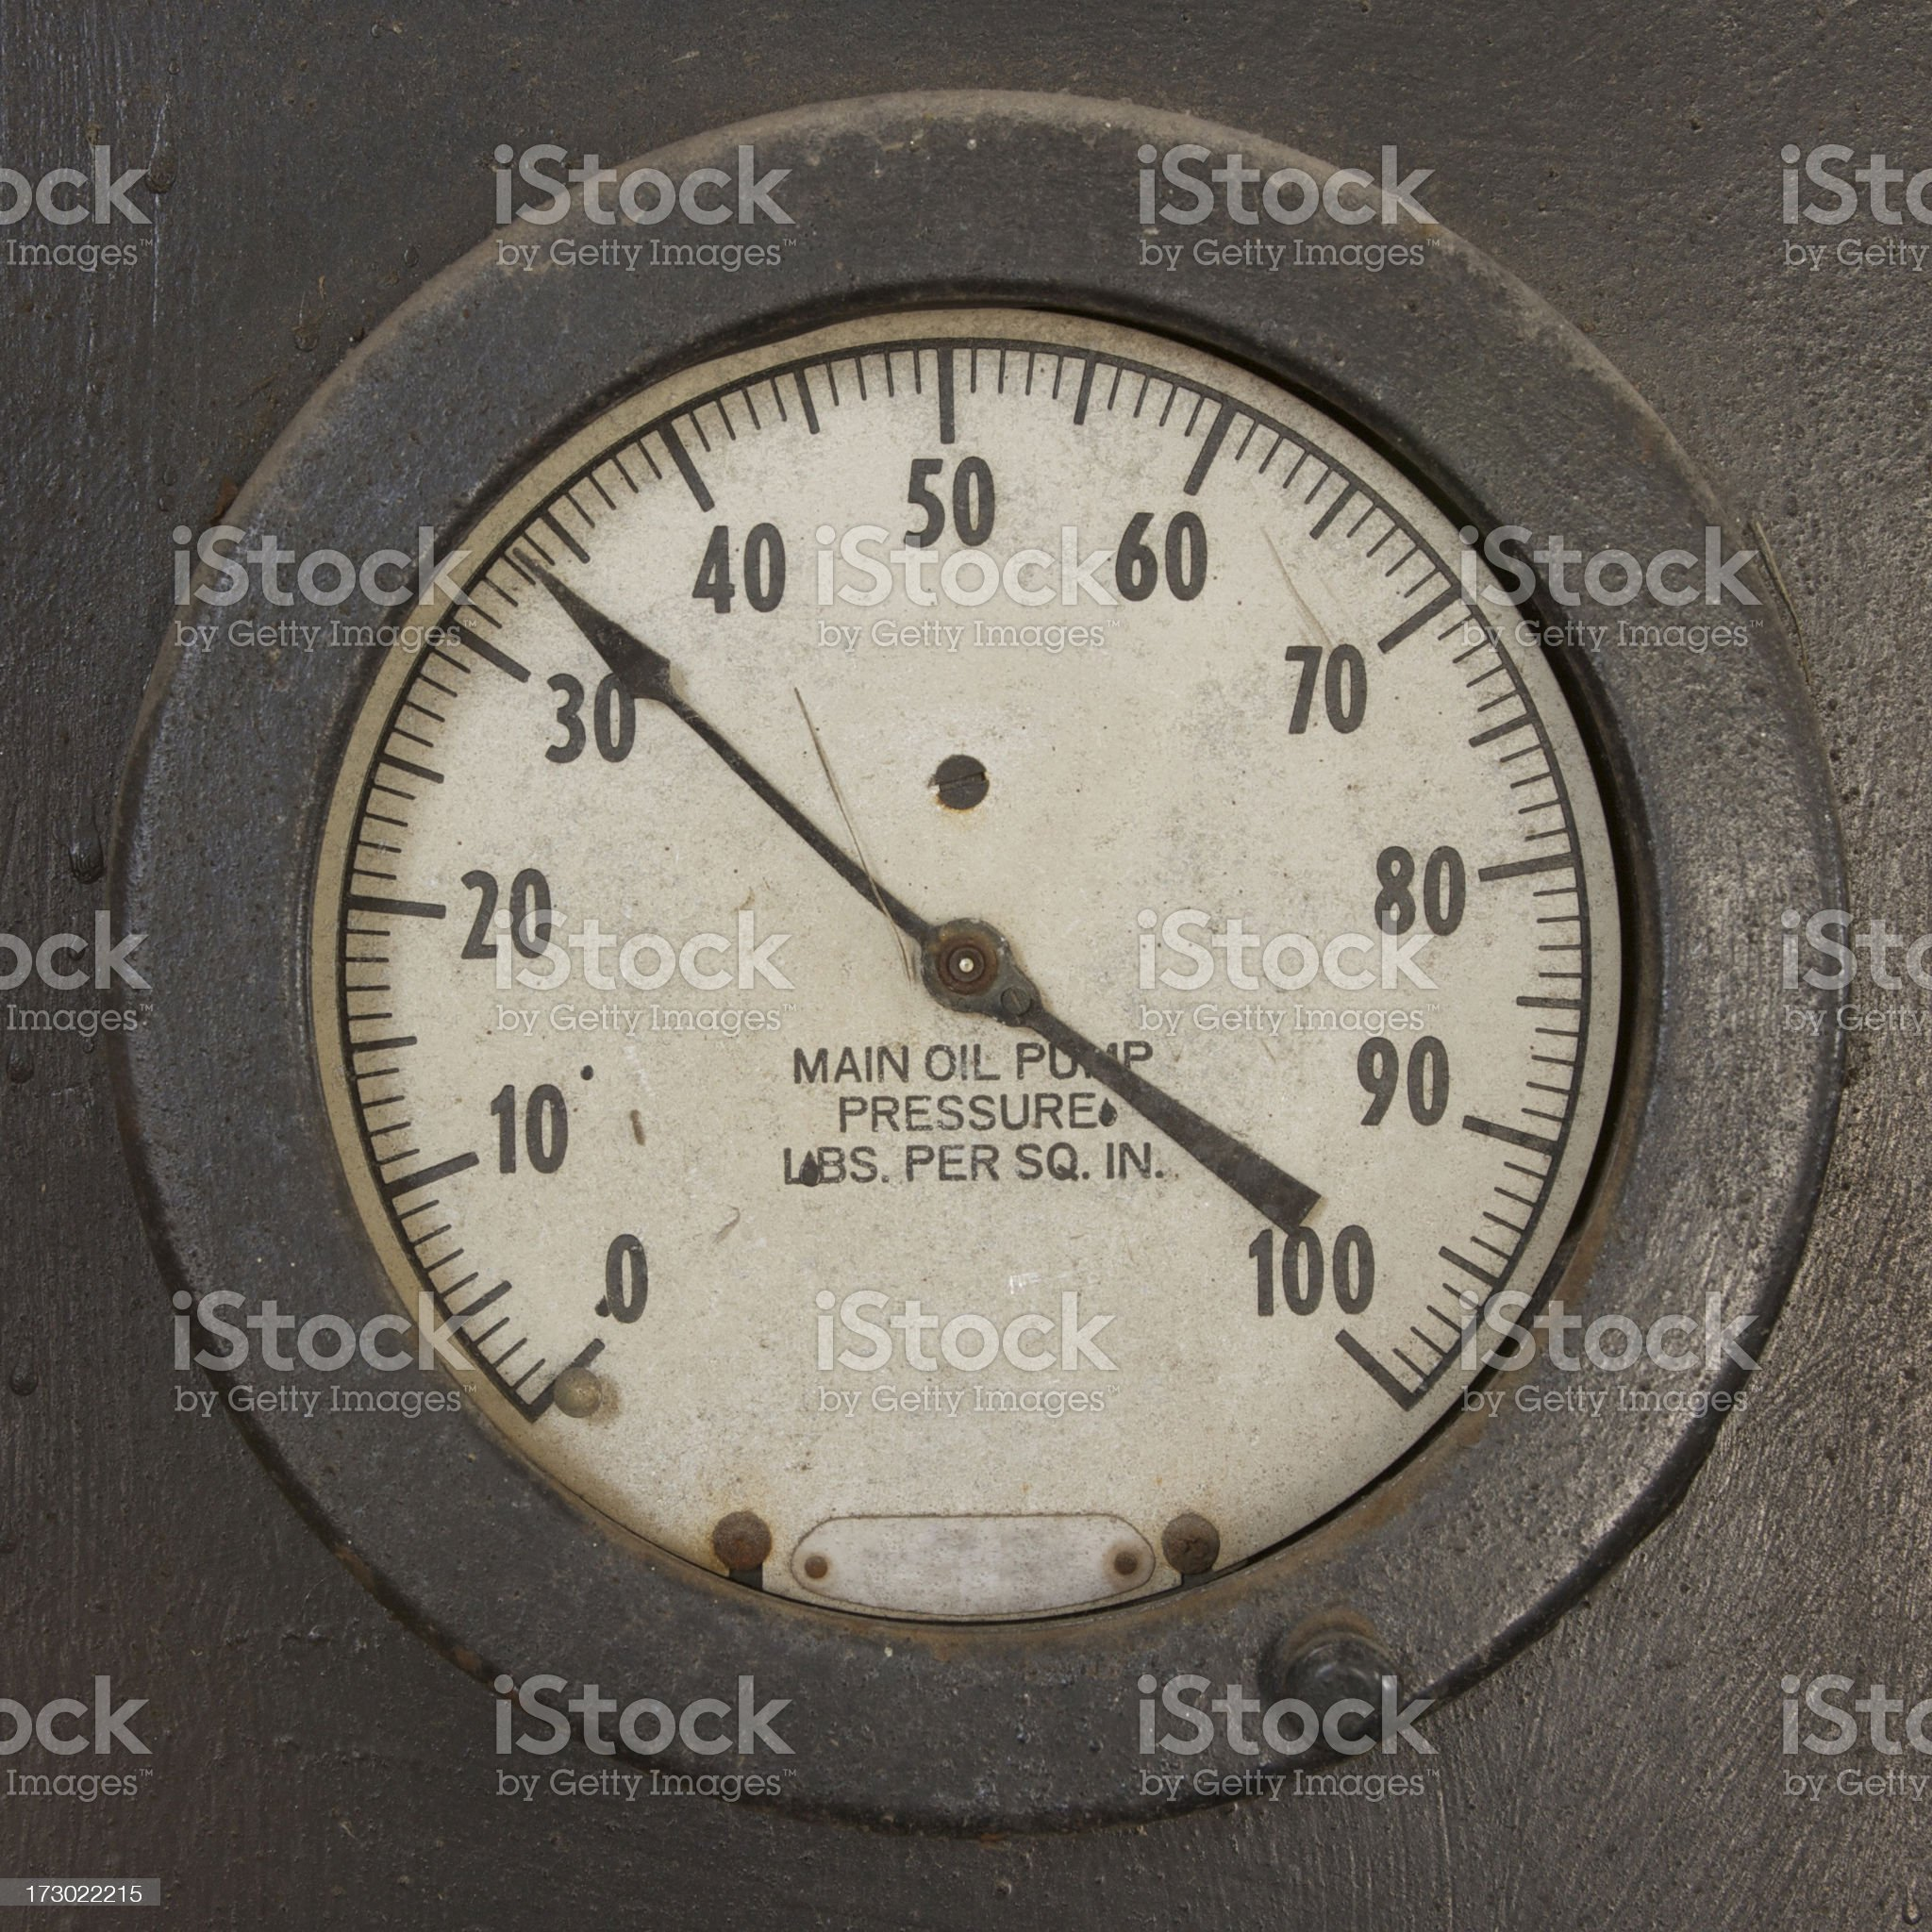 oil pump pressure gauge royalty-free stock photo